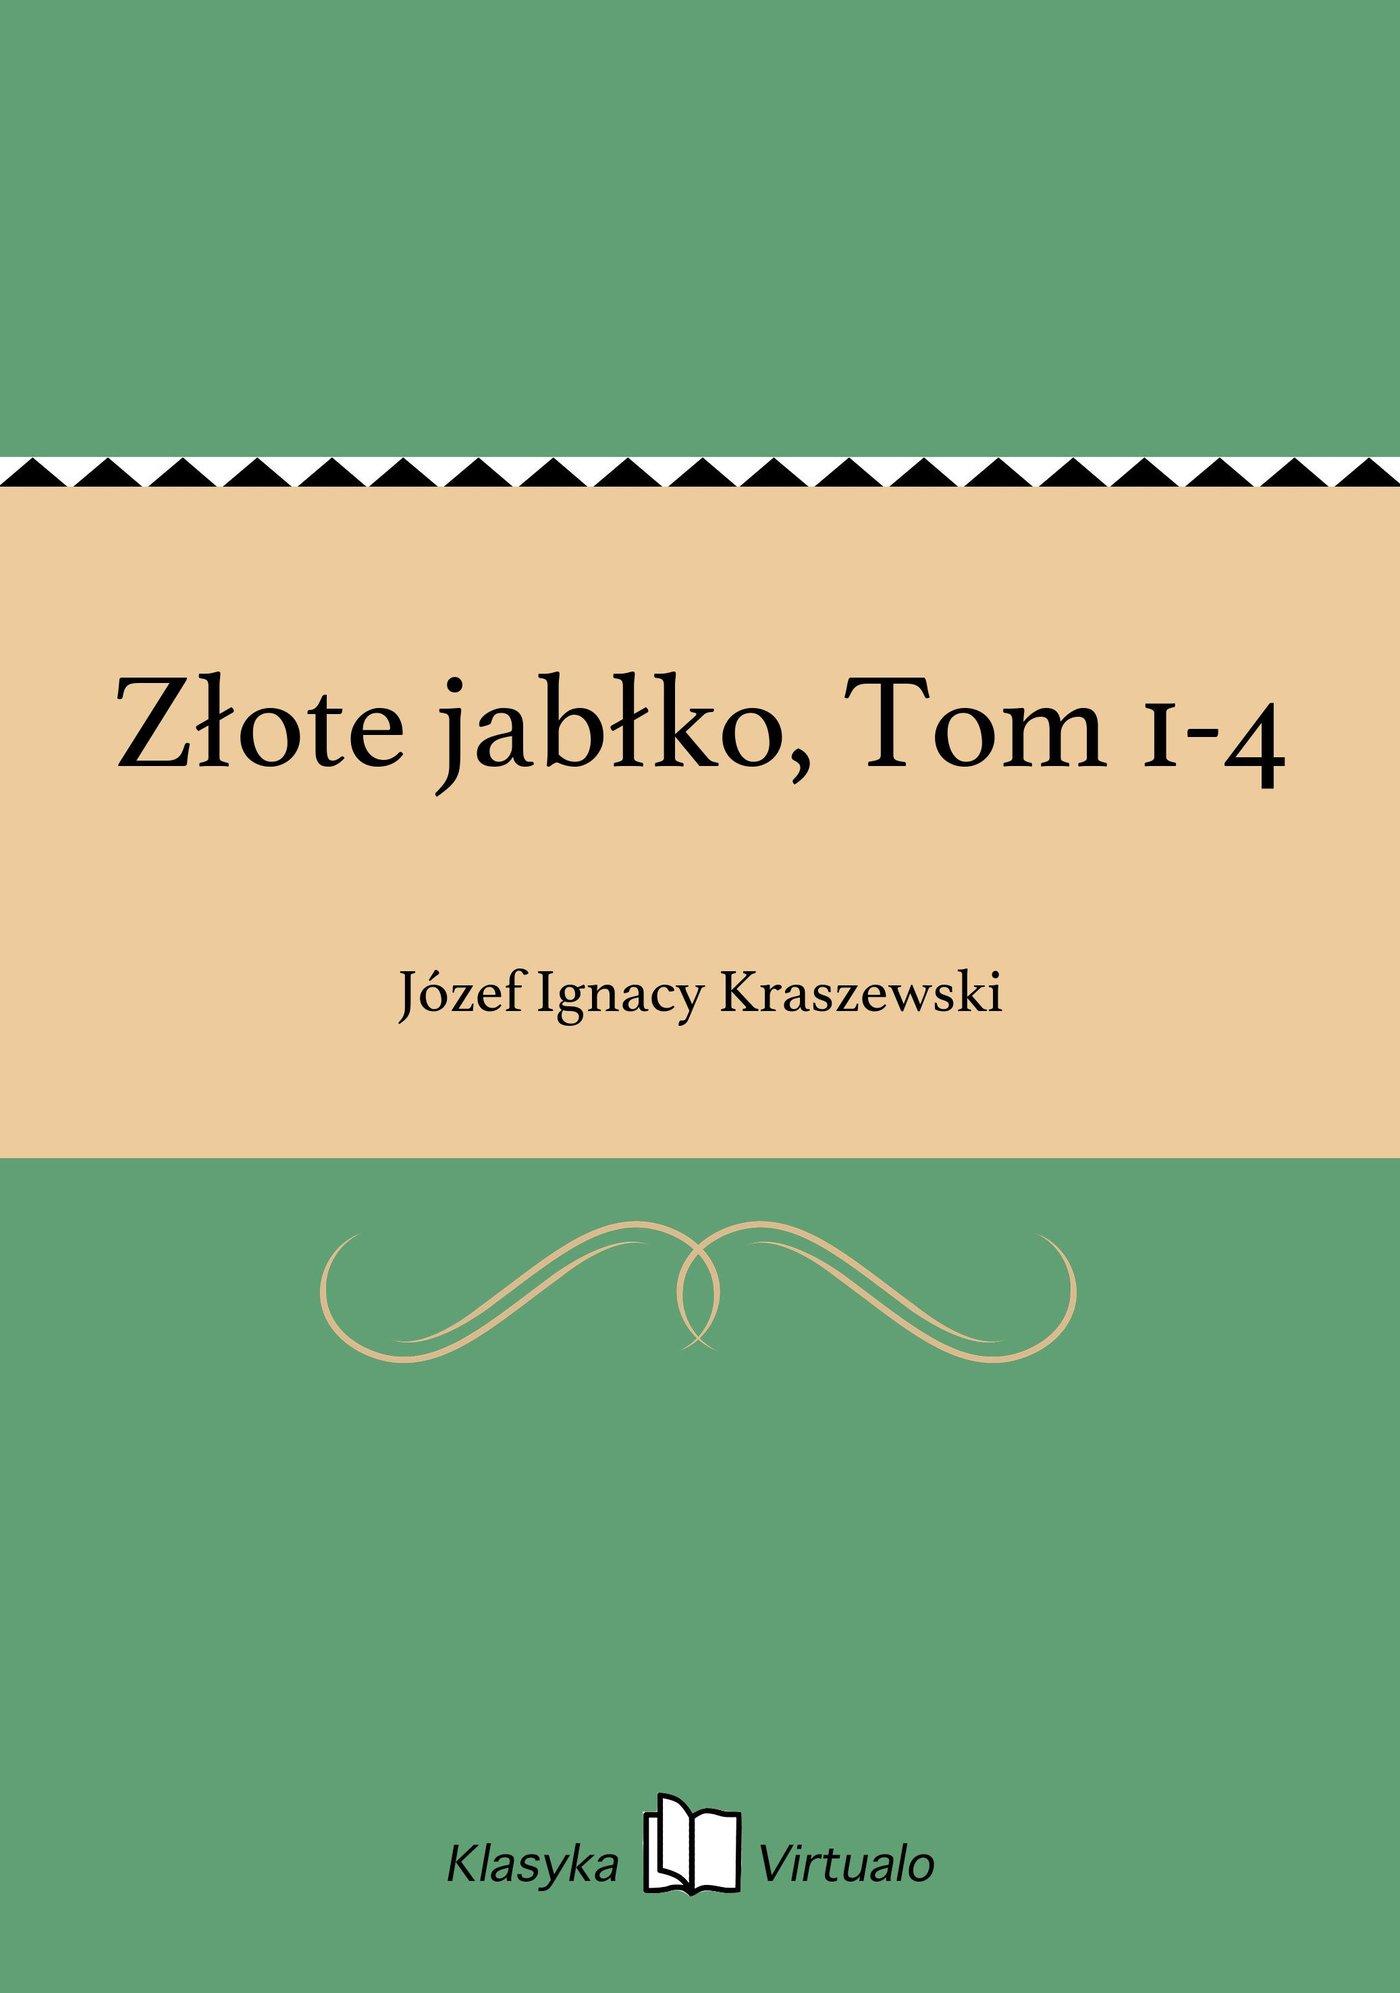 Złote jabłko, Tom 1-4 - Ebook (Książka EPUB) do pobrania w formacie EPUB